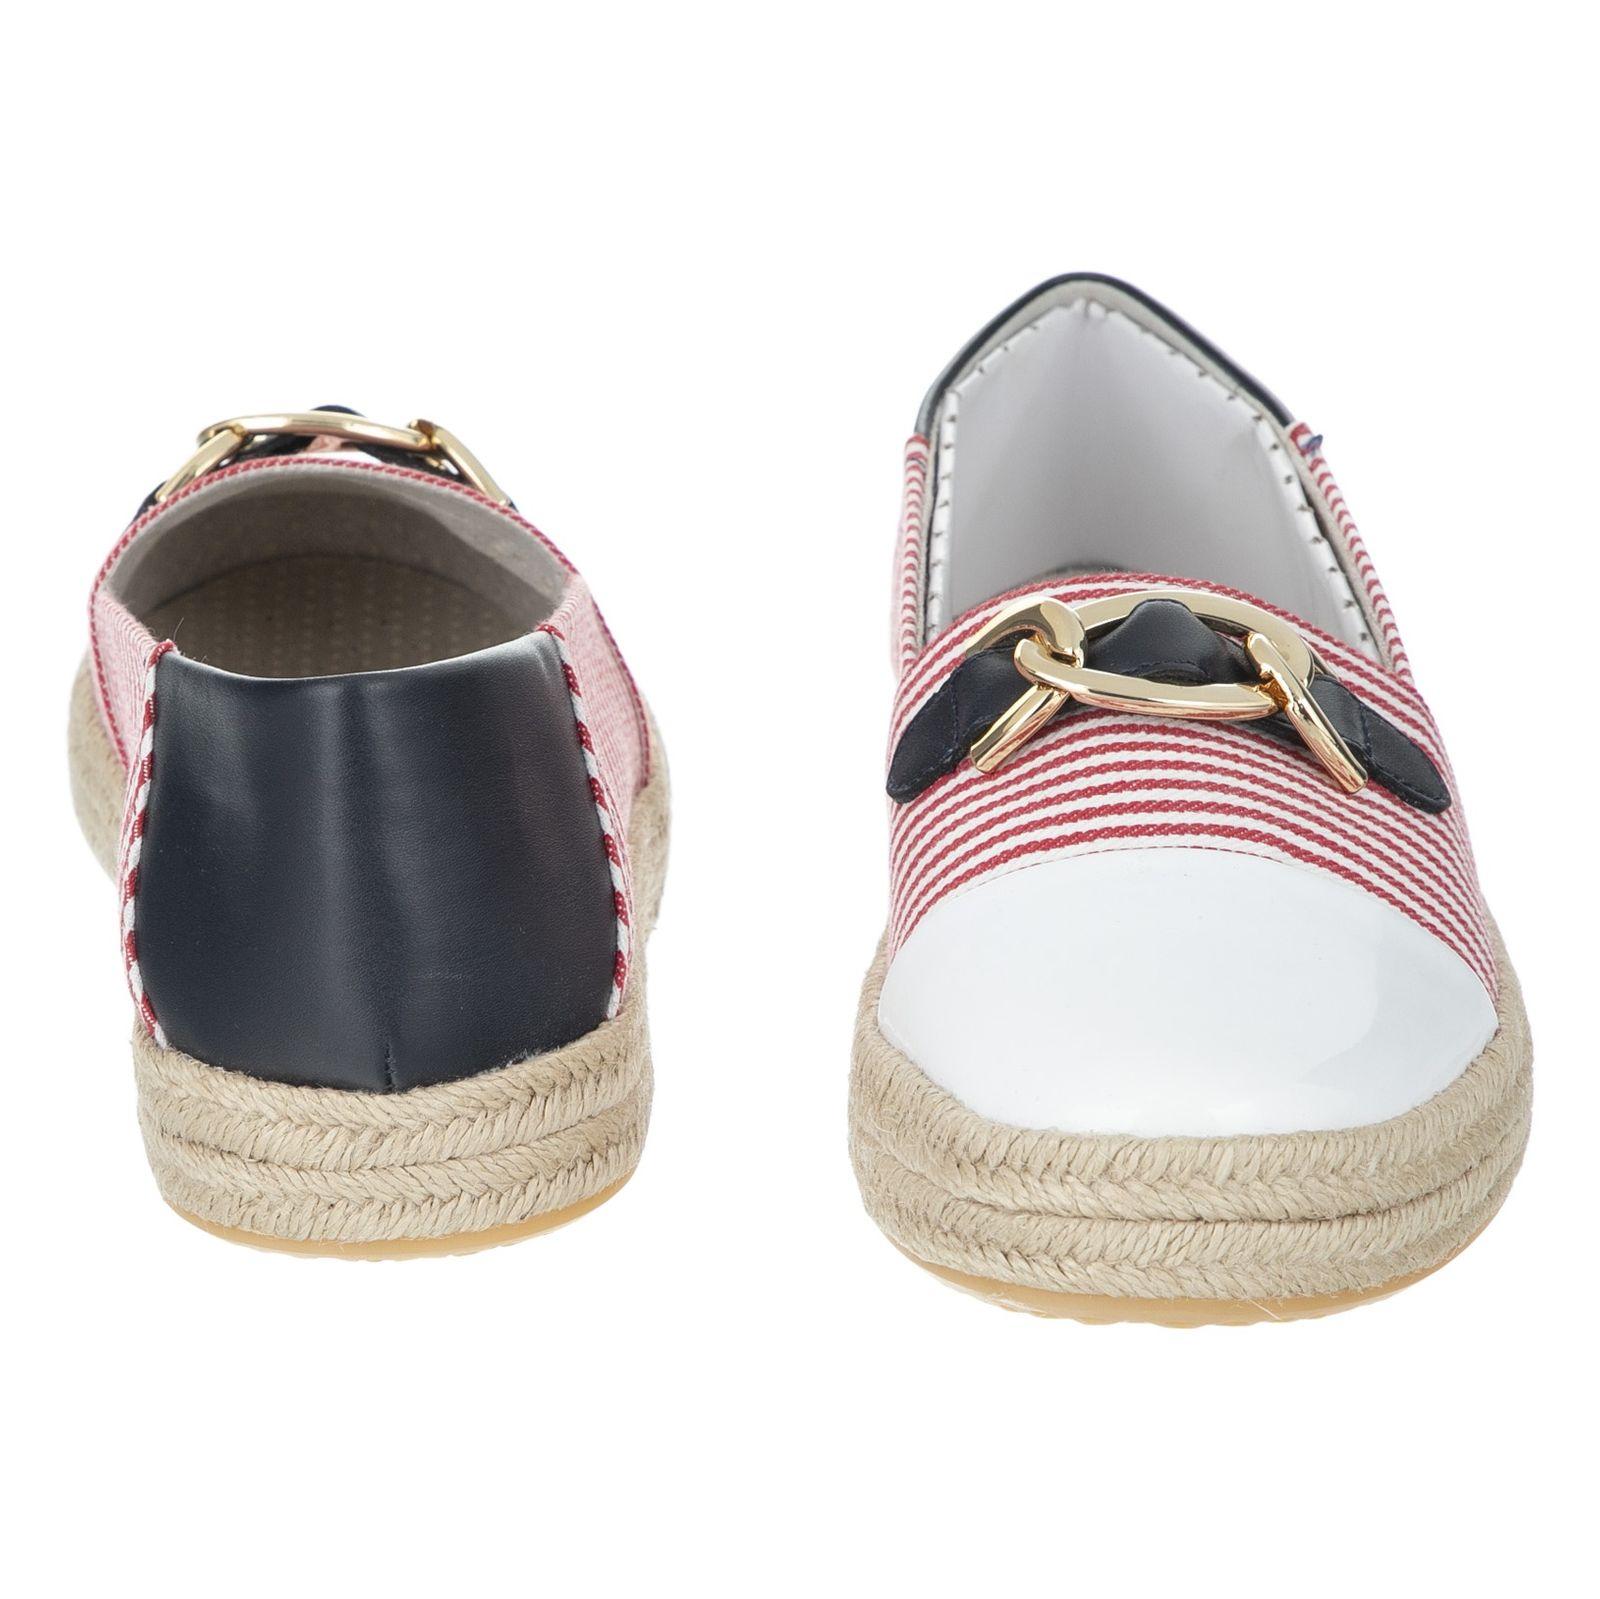 کفش زنانه جی اوکس مدل D8229E-0AWHH-C0003 - قرمز سفید - 4